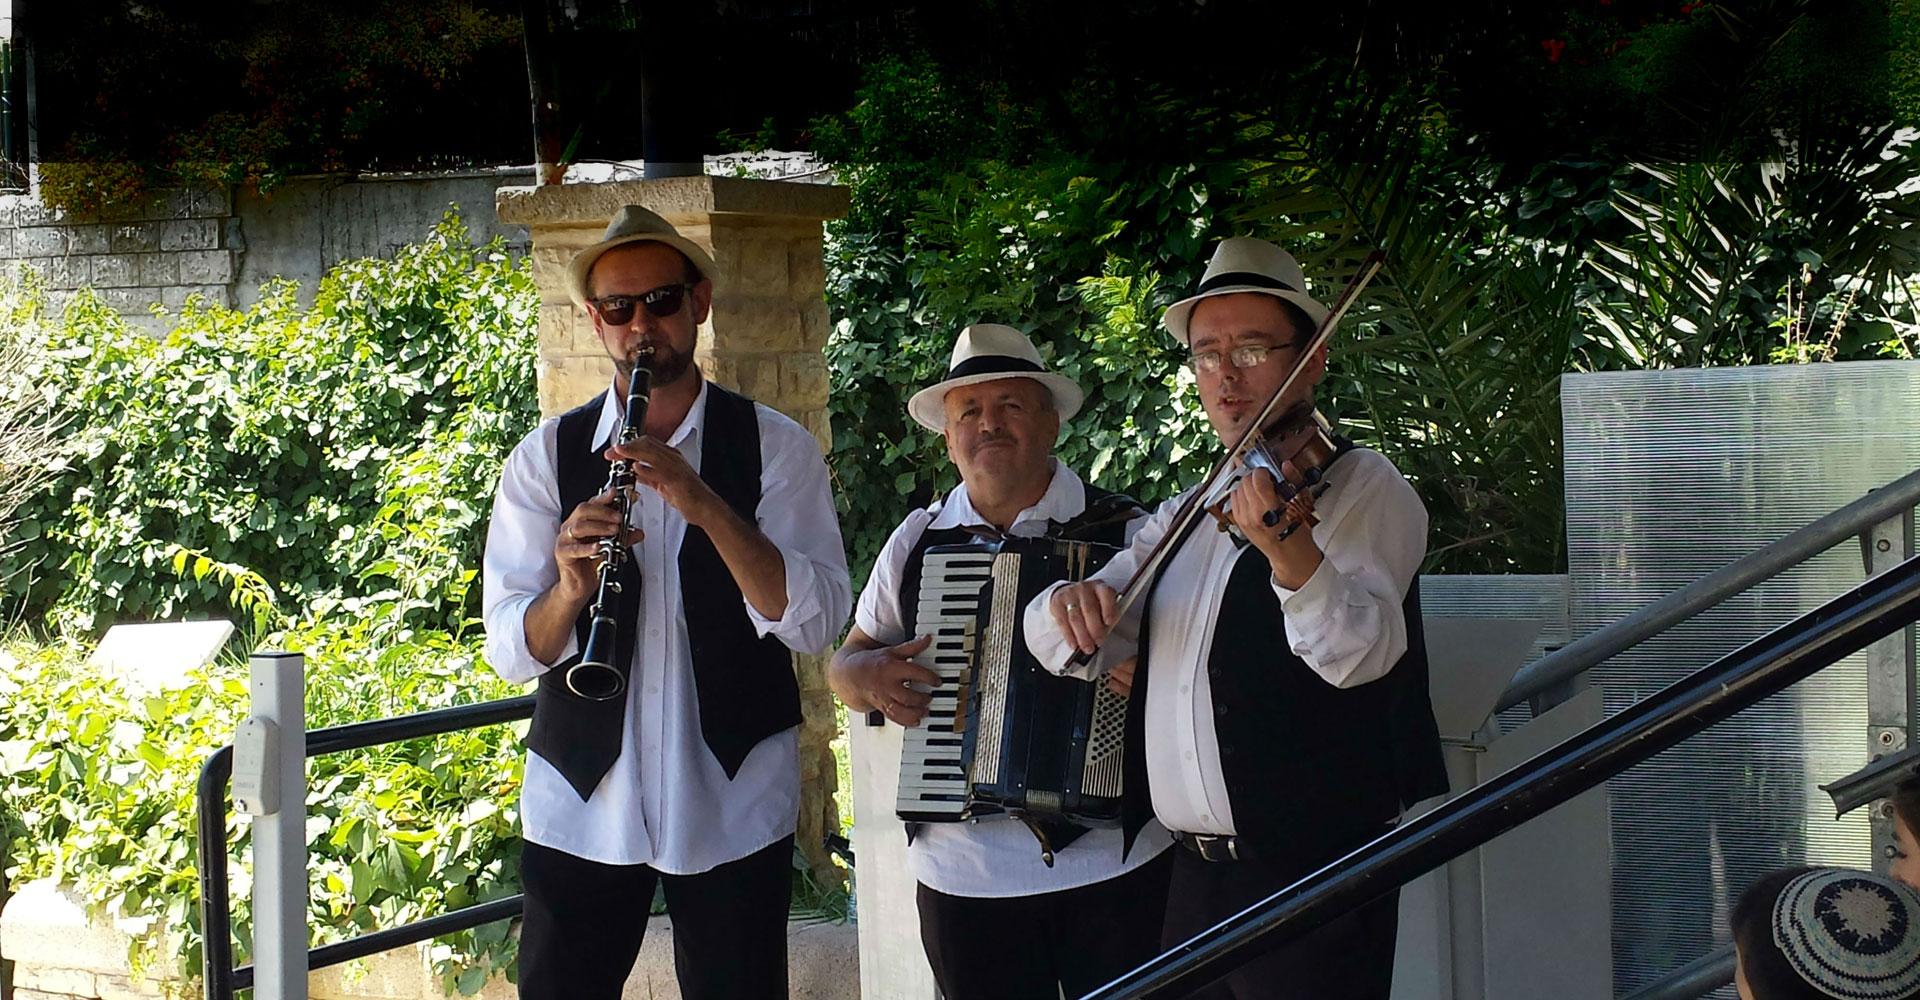 כליזמרים ירושלמים - מוסיקה לאירועים